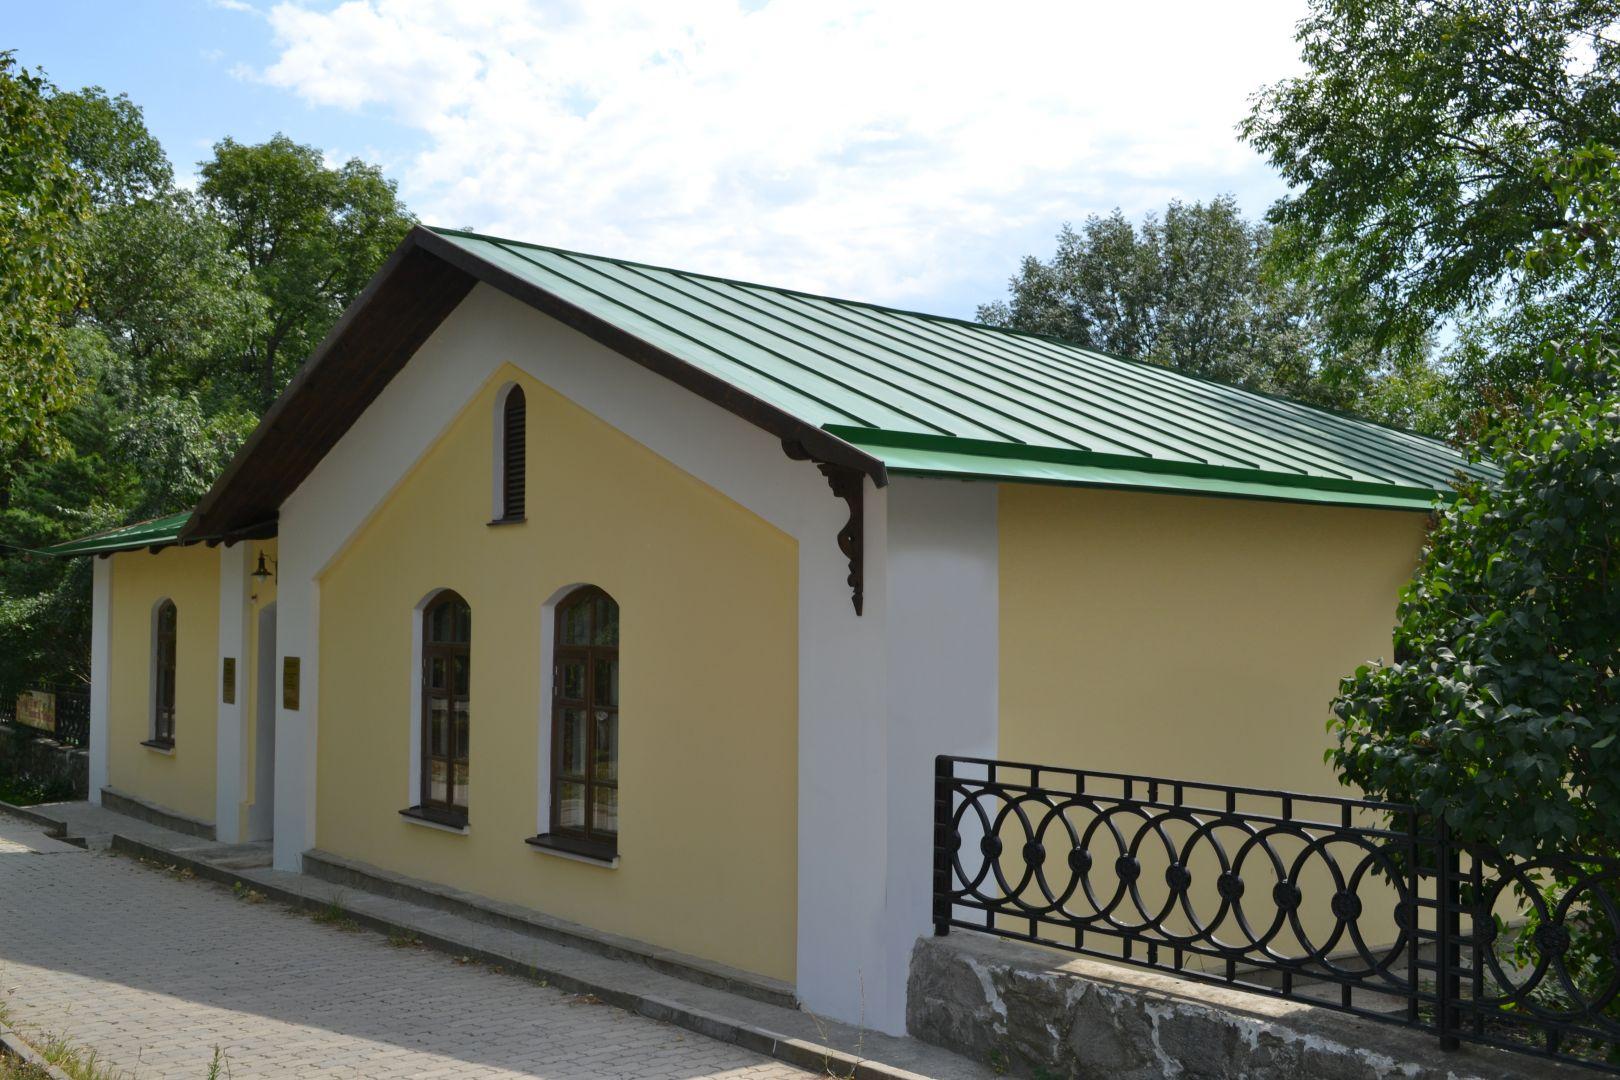 Толстовский культурный центр Железноводска стал финалистом государственной премии «Хрустальный компас»